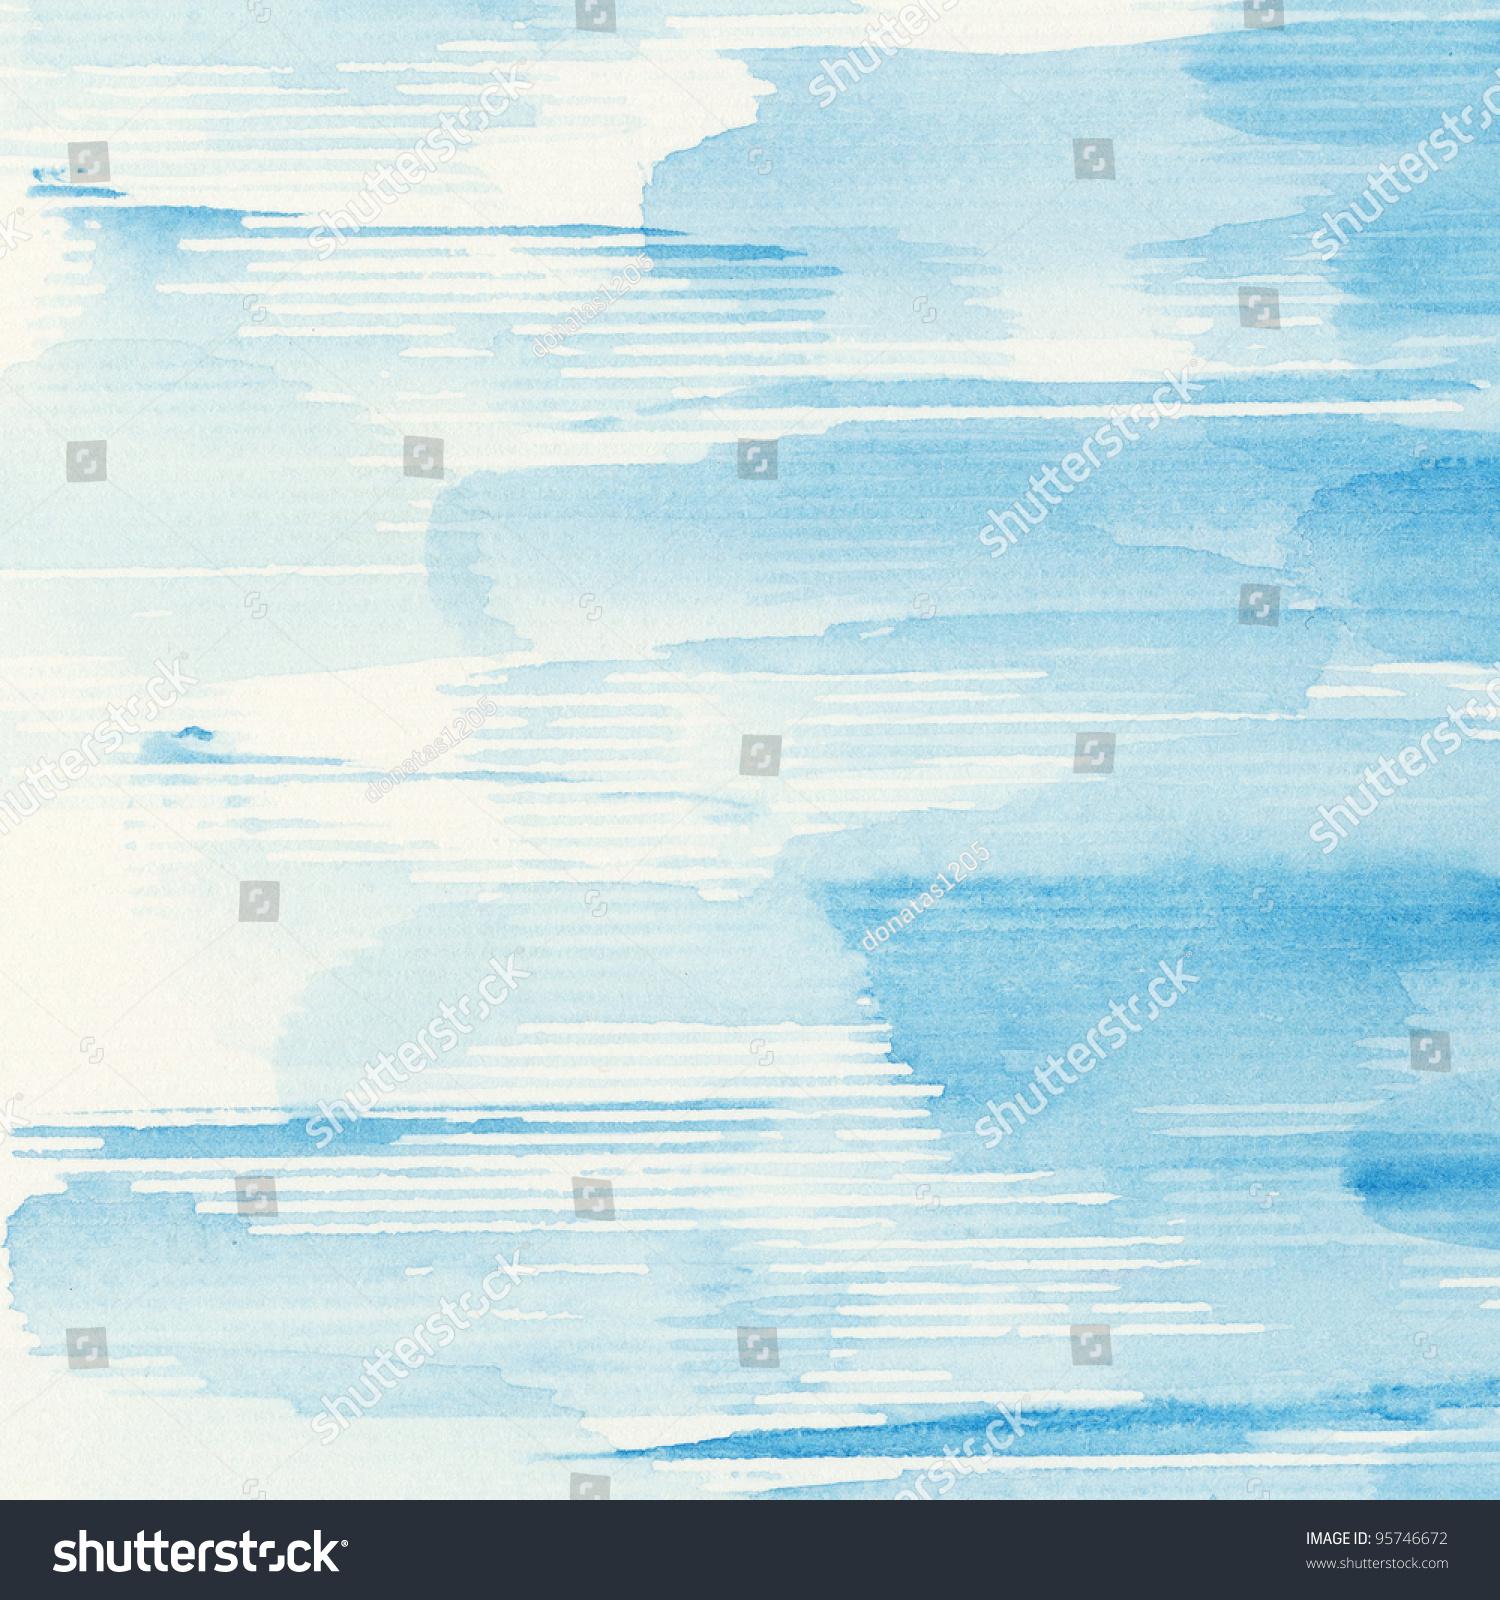 抽象的水彩手绘艺术背景